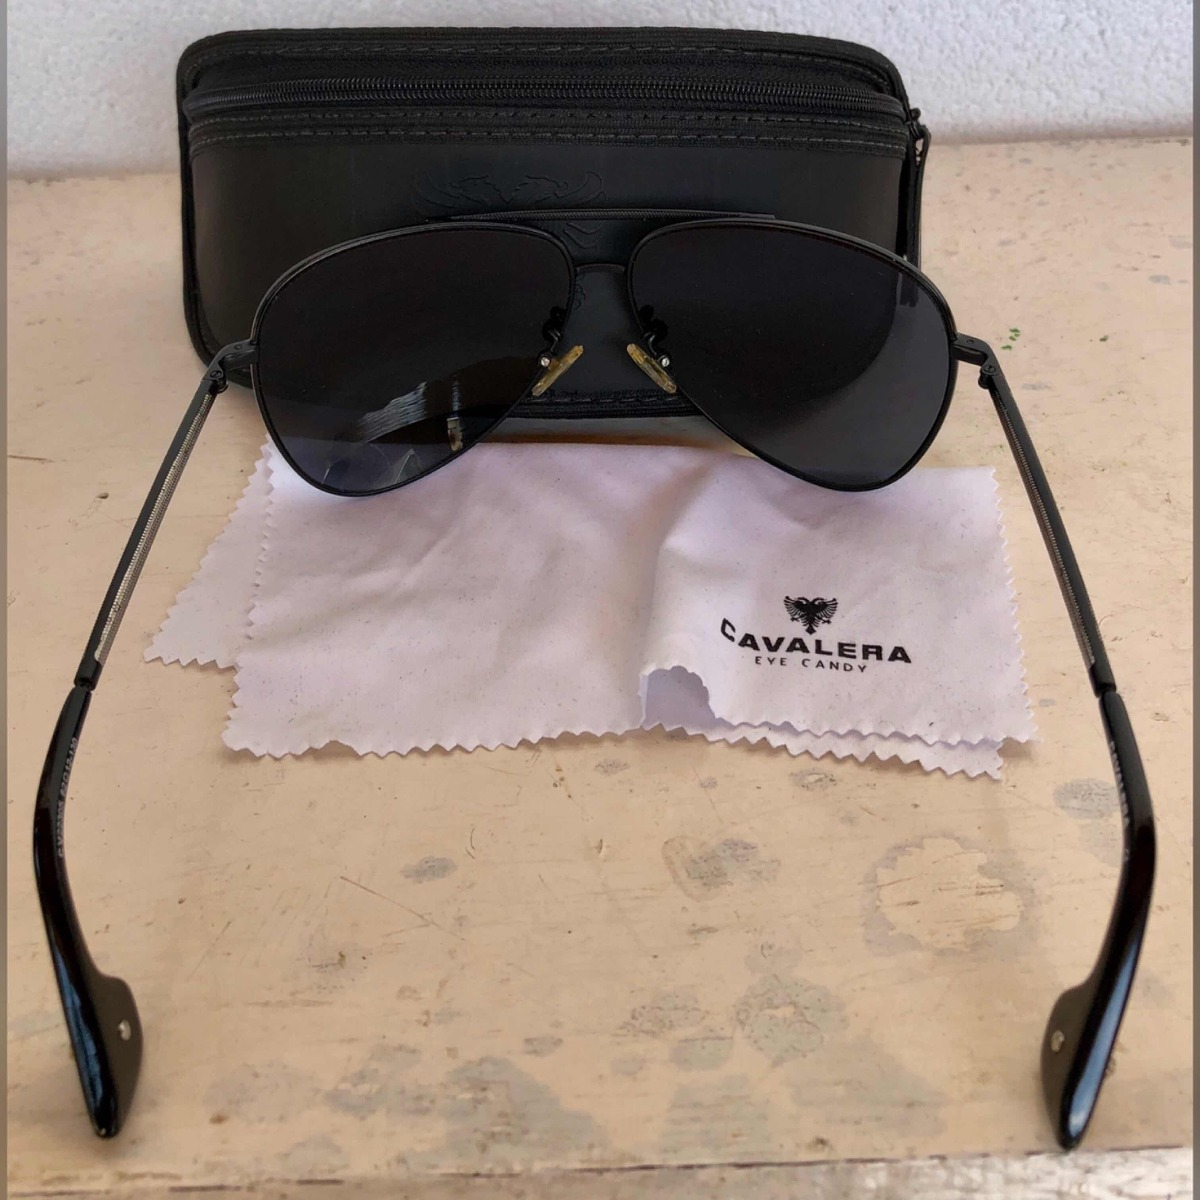 848bc7731 Óculos De Sol Cavalera Aviador Preto Com Prata - Novo - R$ 499,00 em ...